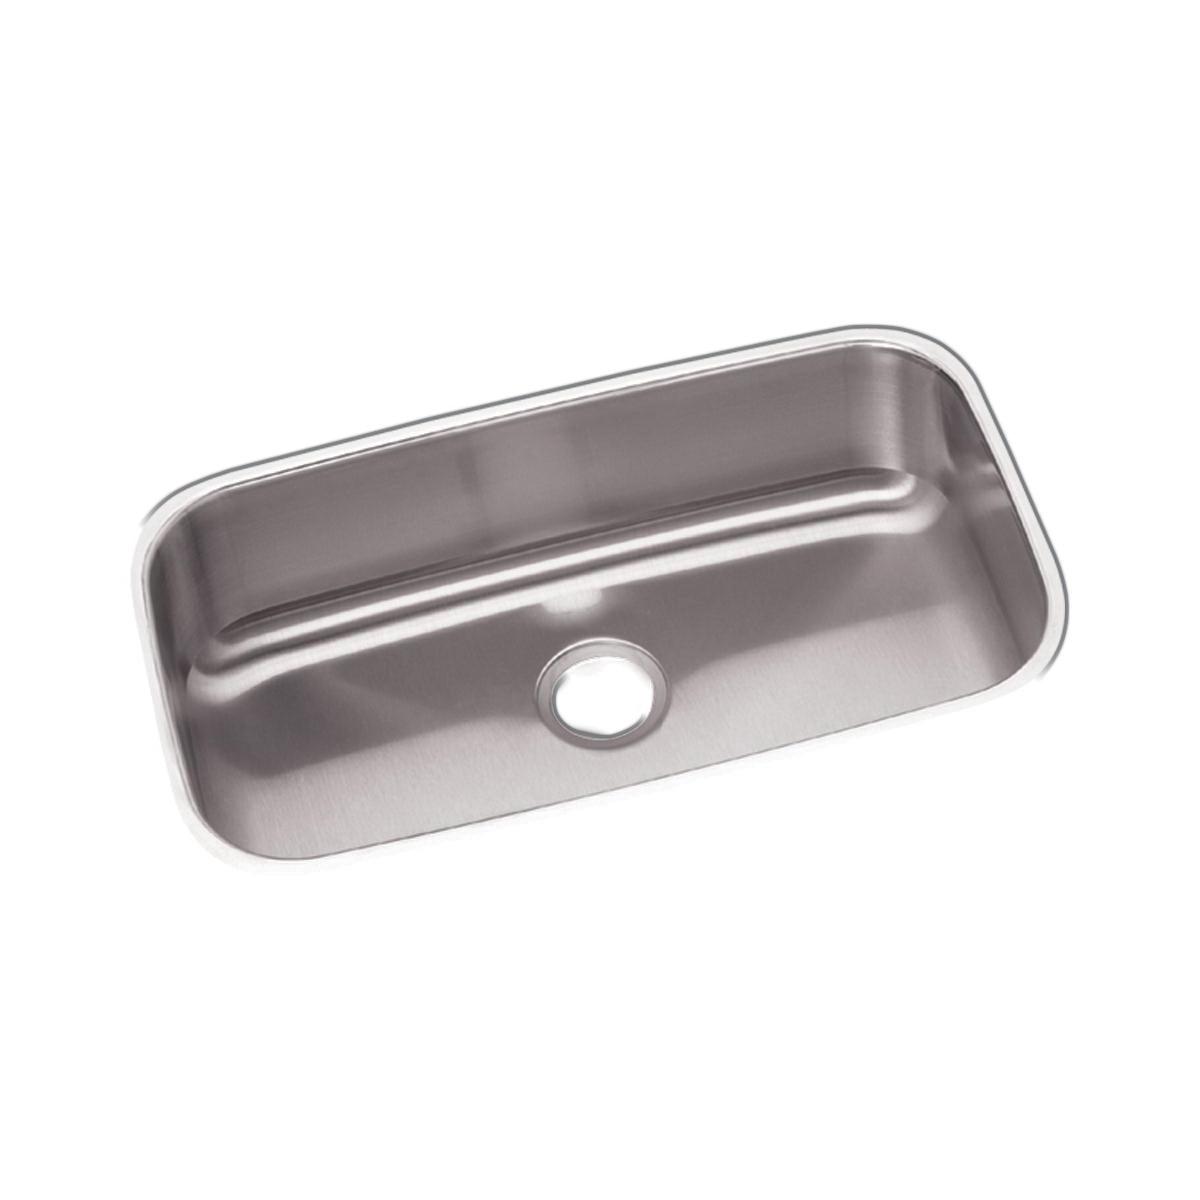 Elkay® DXUH2816 Dayton® Kitchen Sink, Rectangular, 18-1/4 in W x 8 in D x 30-1/2 in H, Under Mount, Stainless Steel, Radiant Satin, Domestic